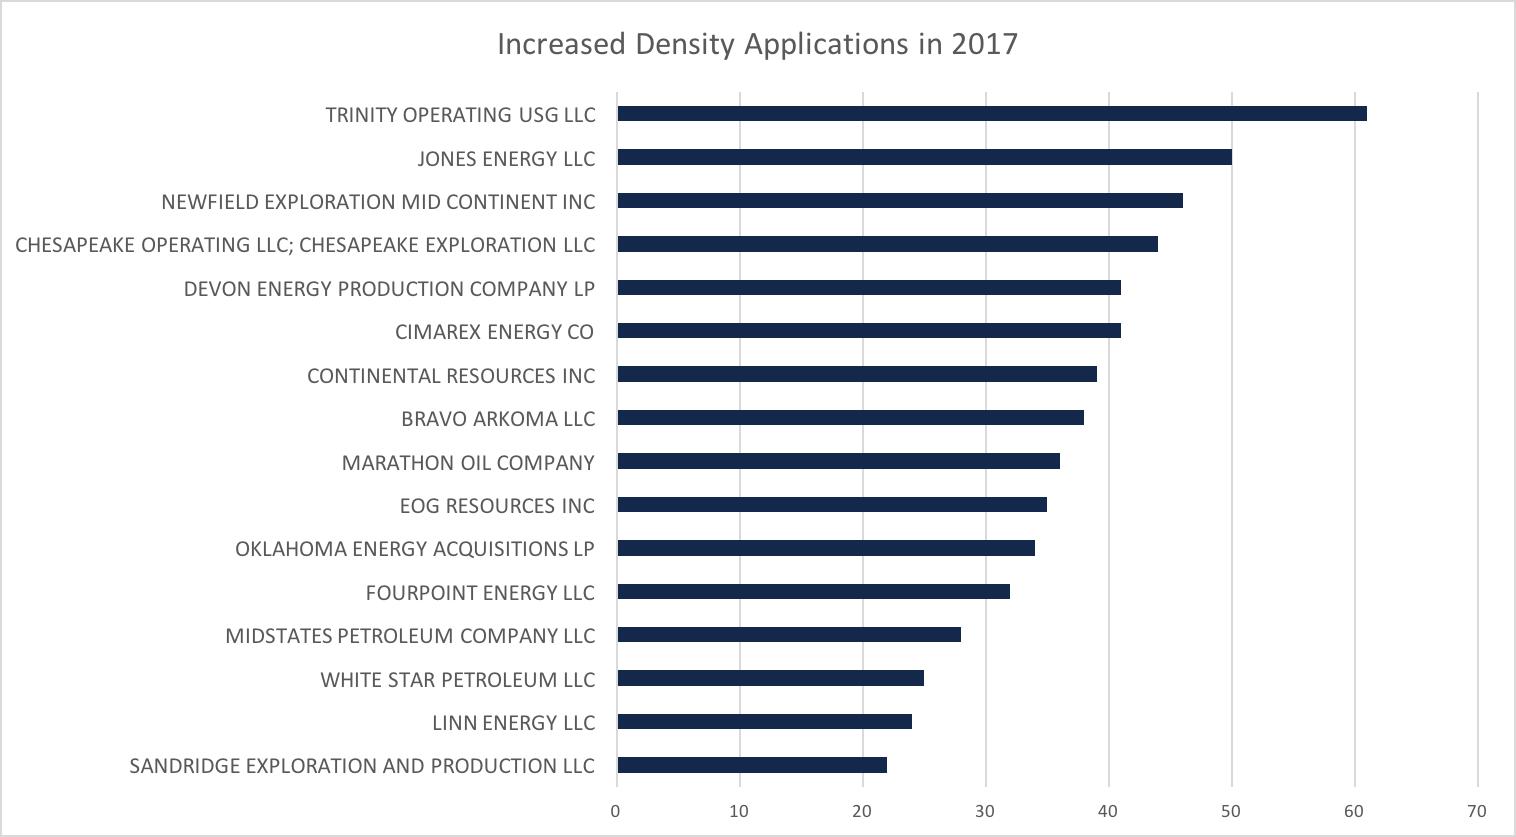 Increased Density Applications in 2017